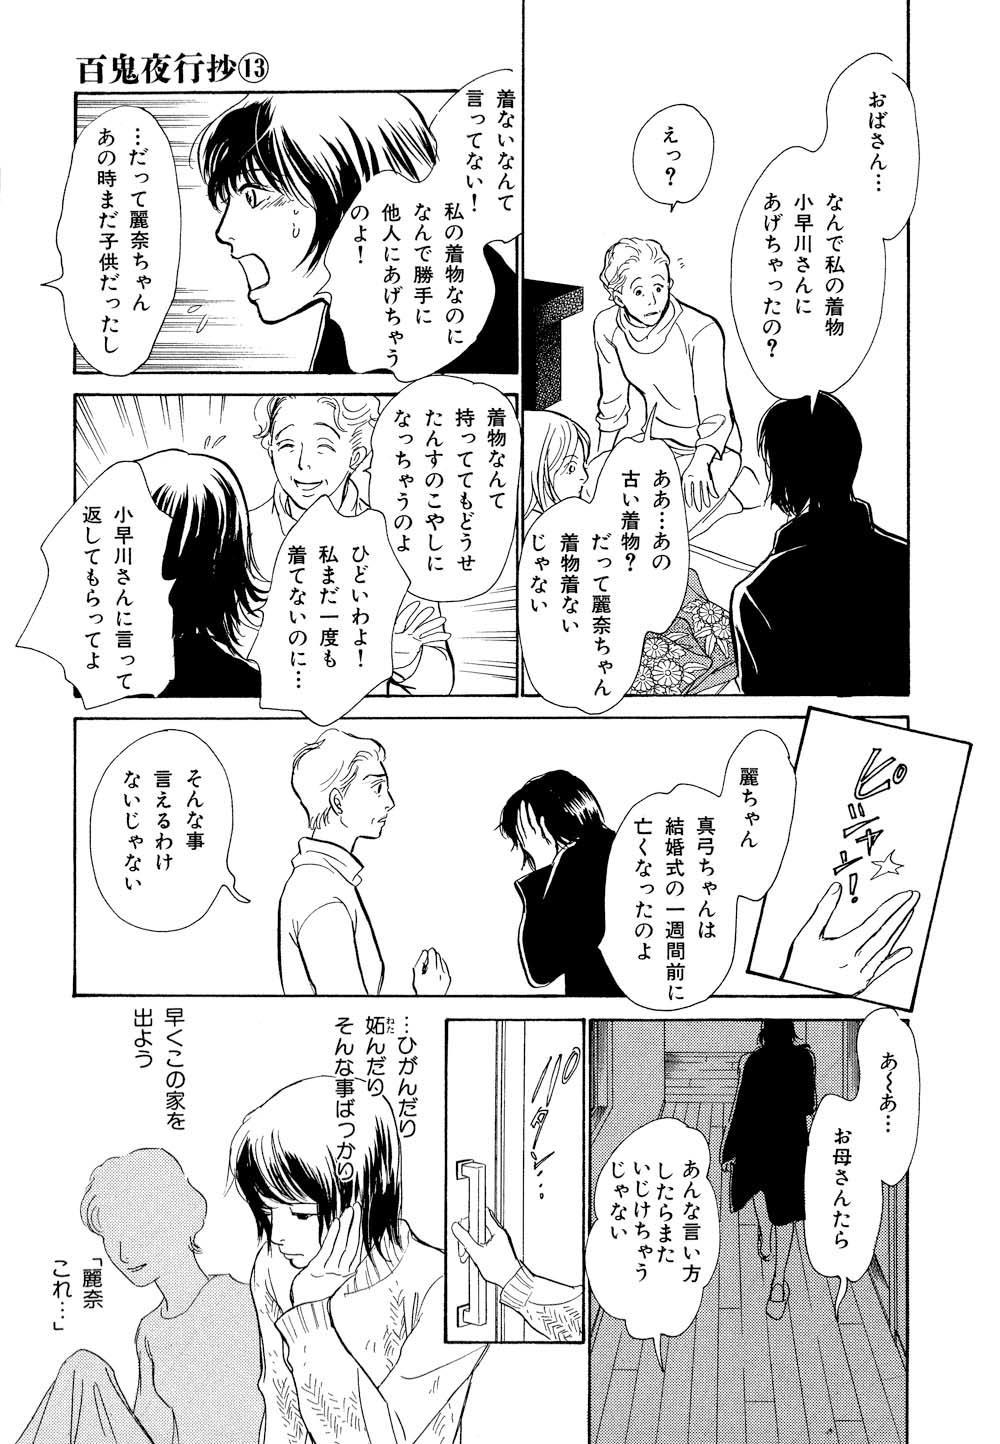 百鬼夜行抄_13_0079.jpg